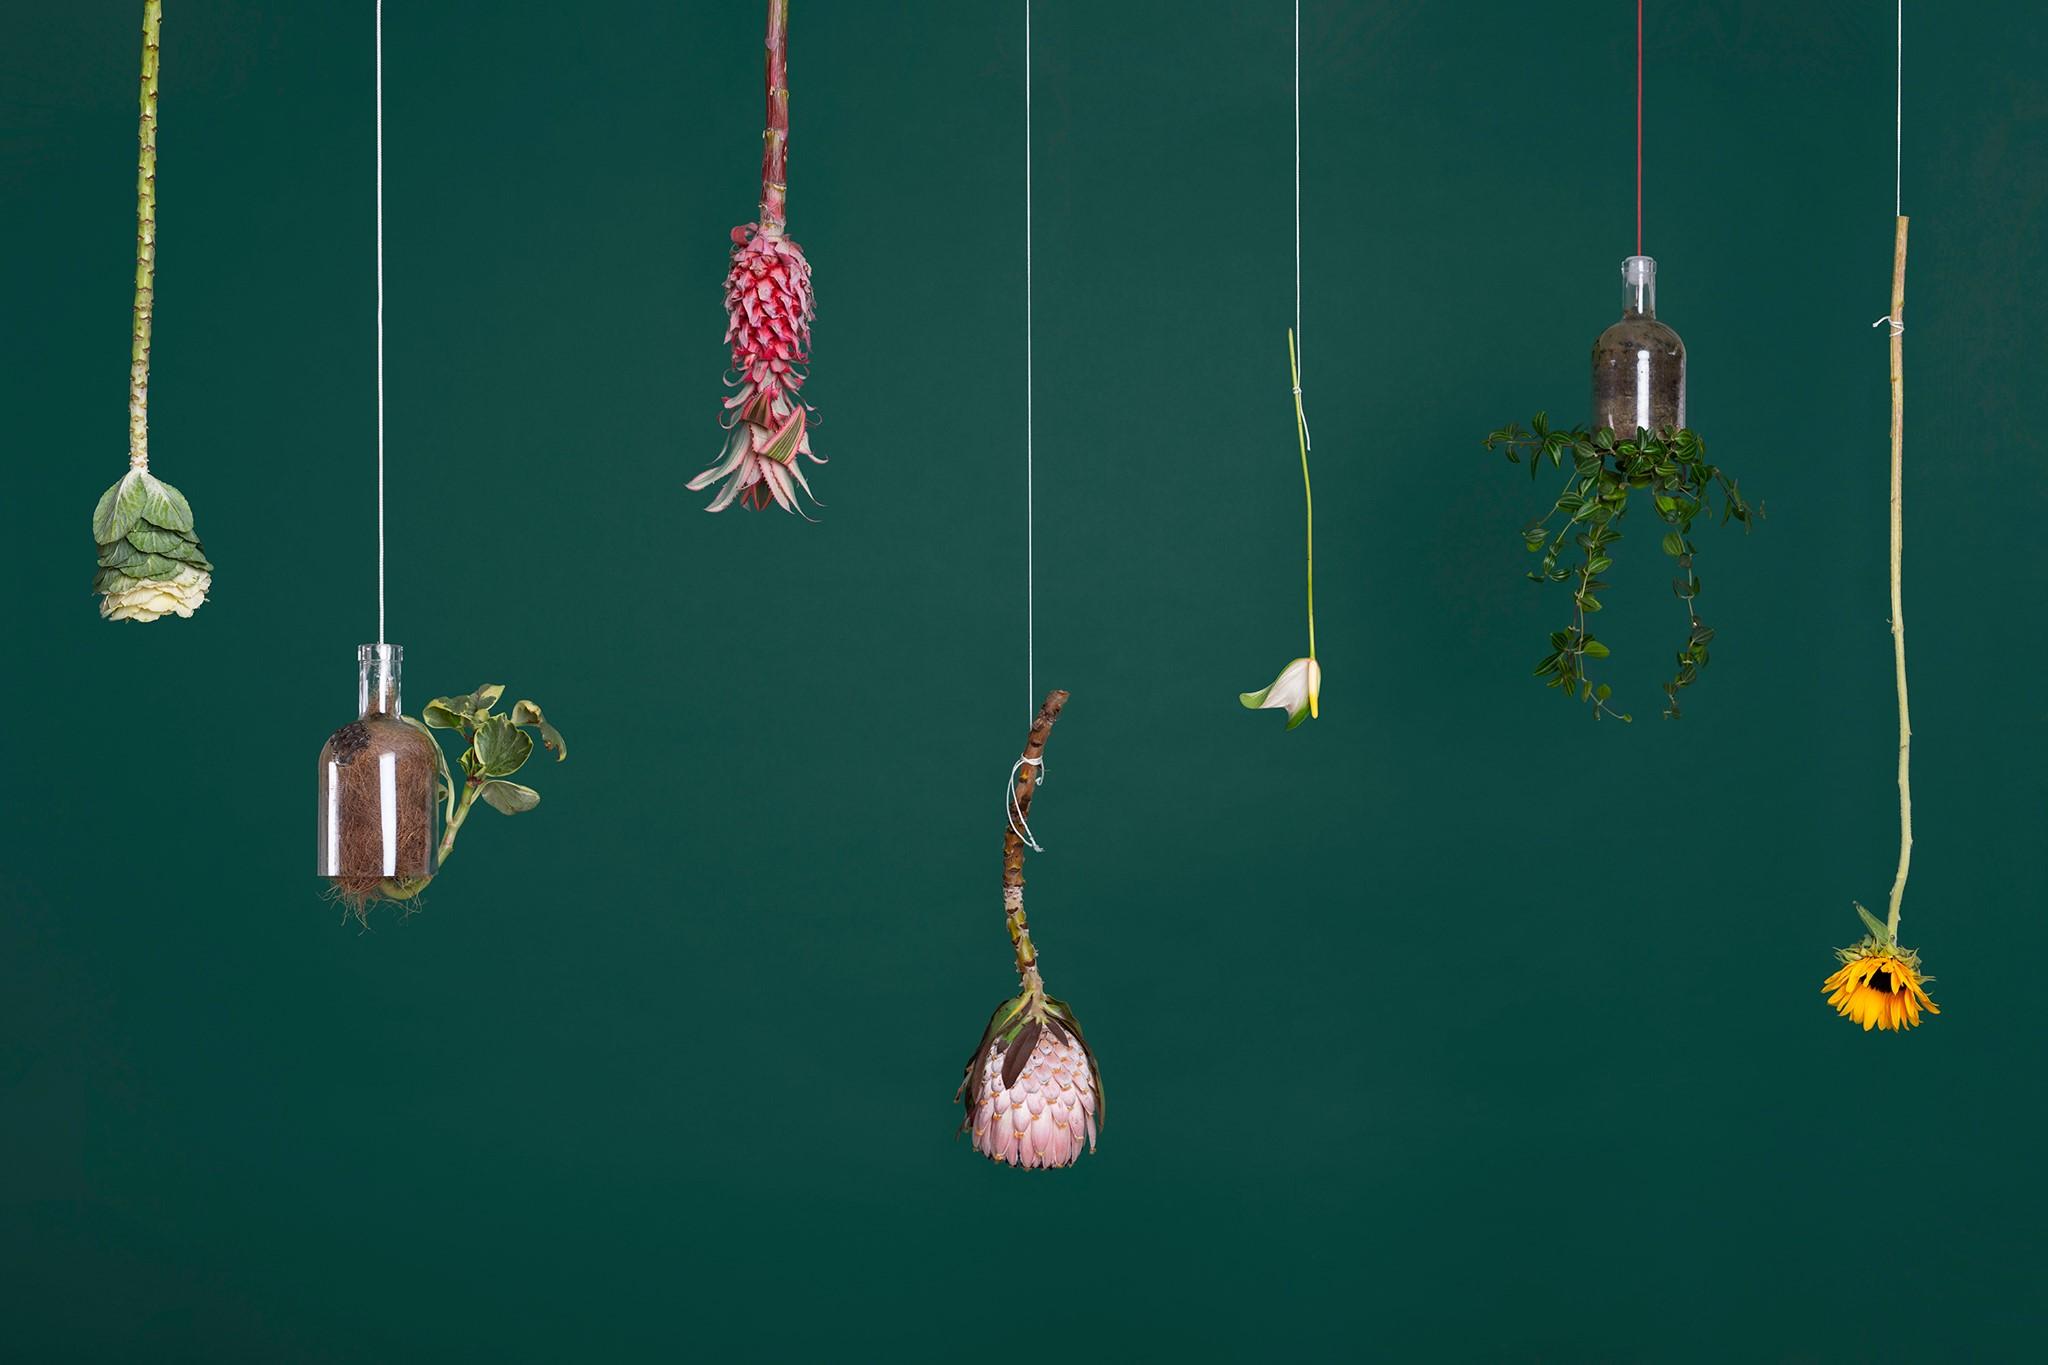 fluxus-projet-be-vegetal-scene